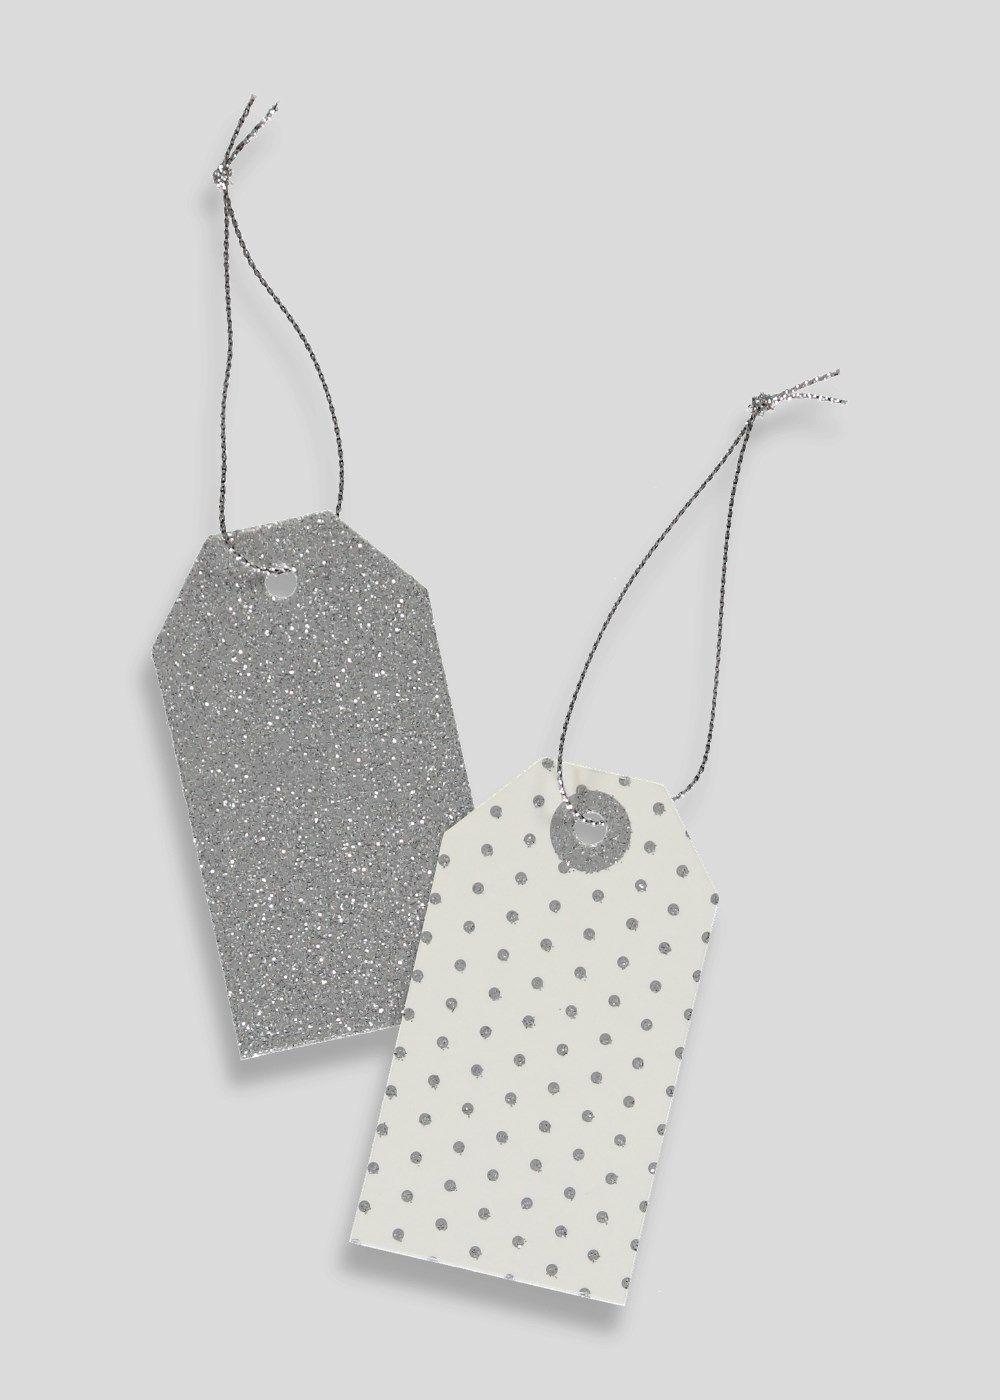 24 Pack Christmas Gift Tags - Matalan | Christmas gift ...